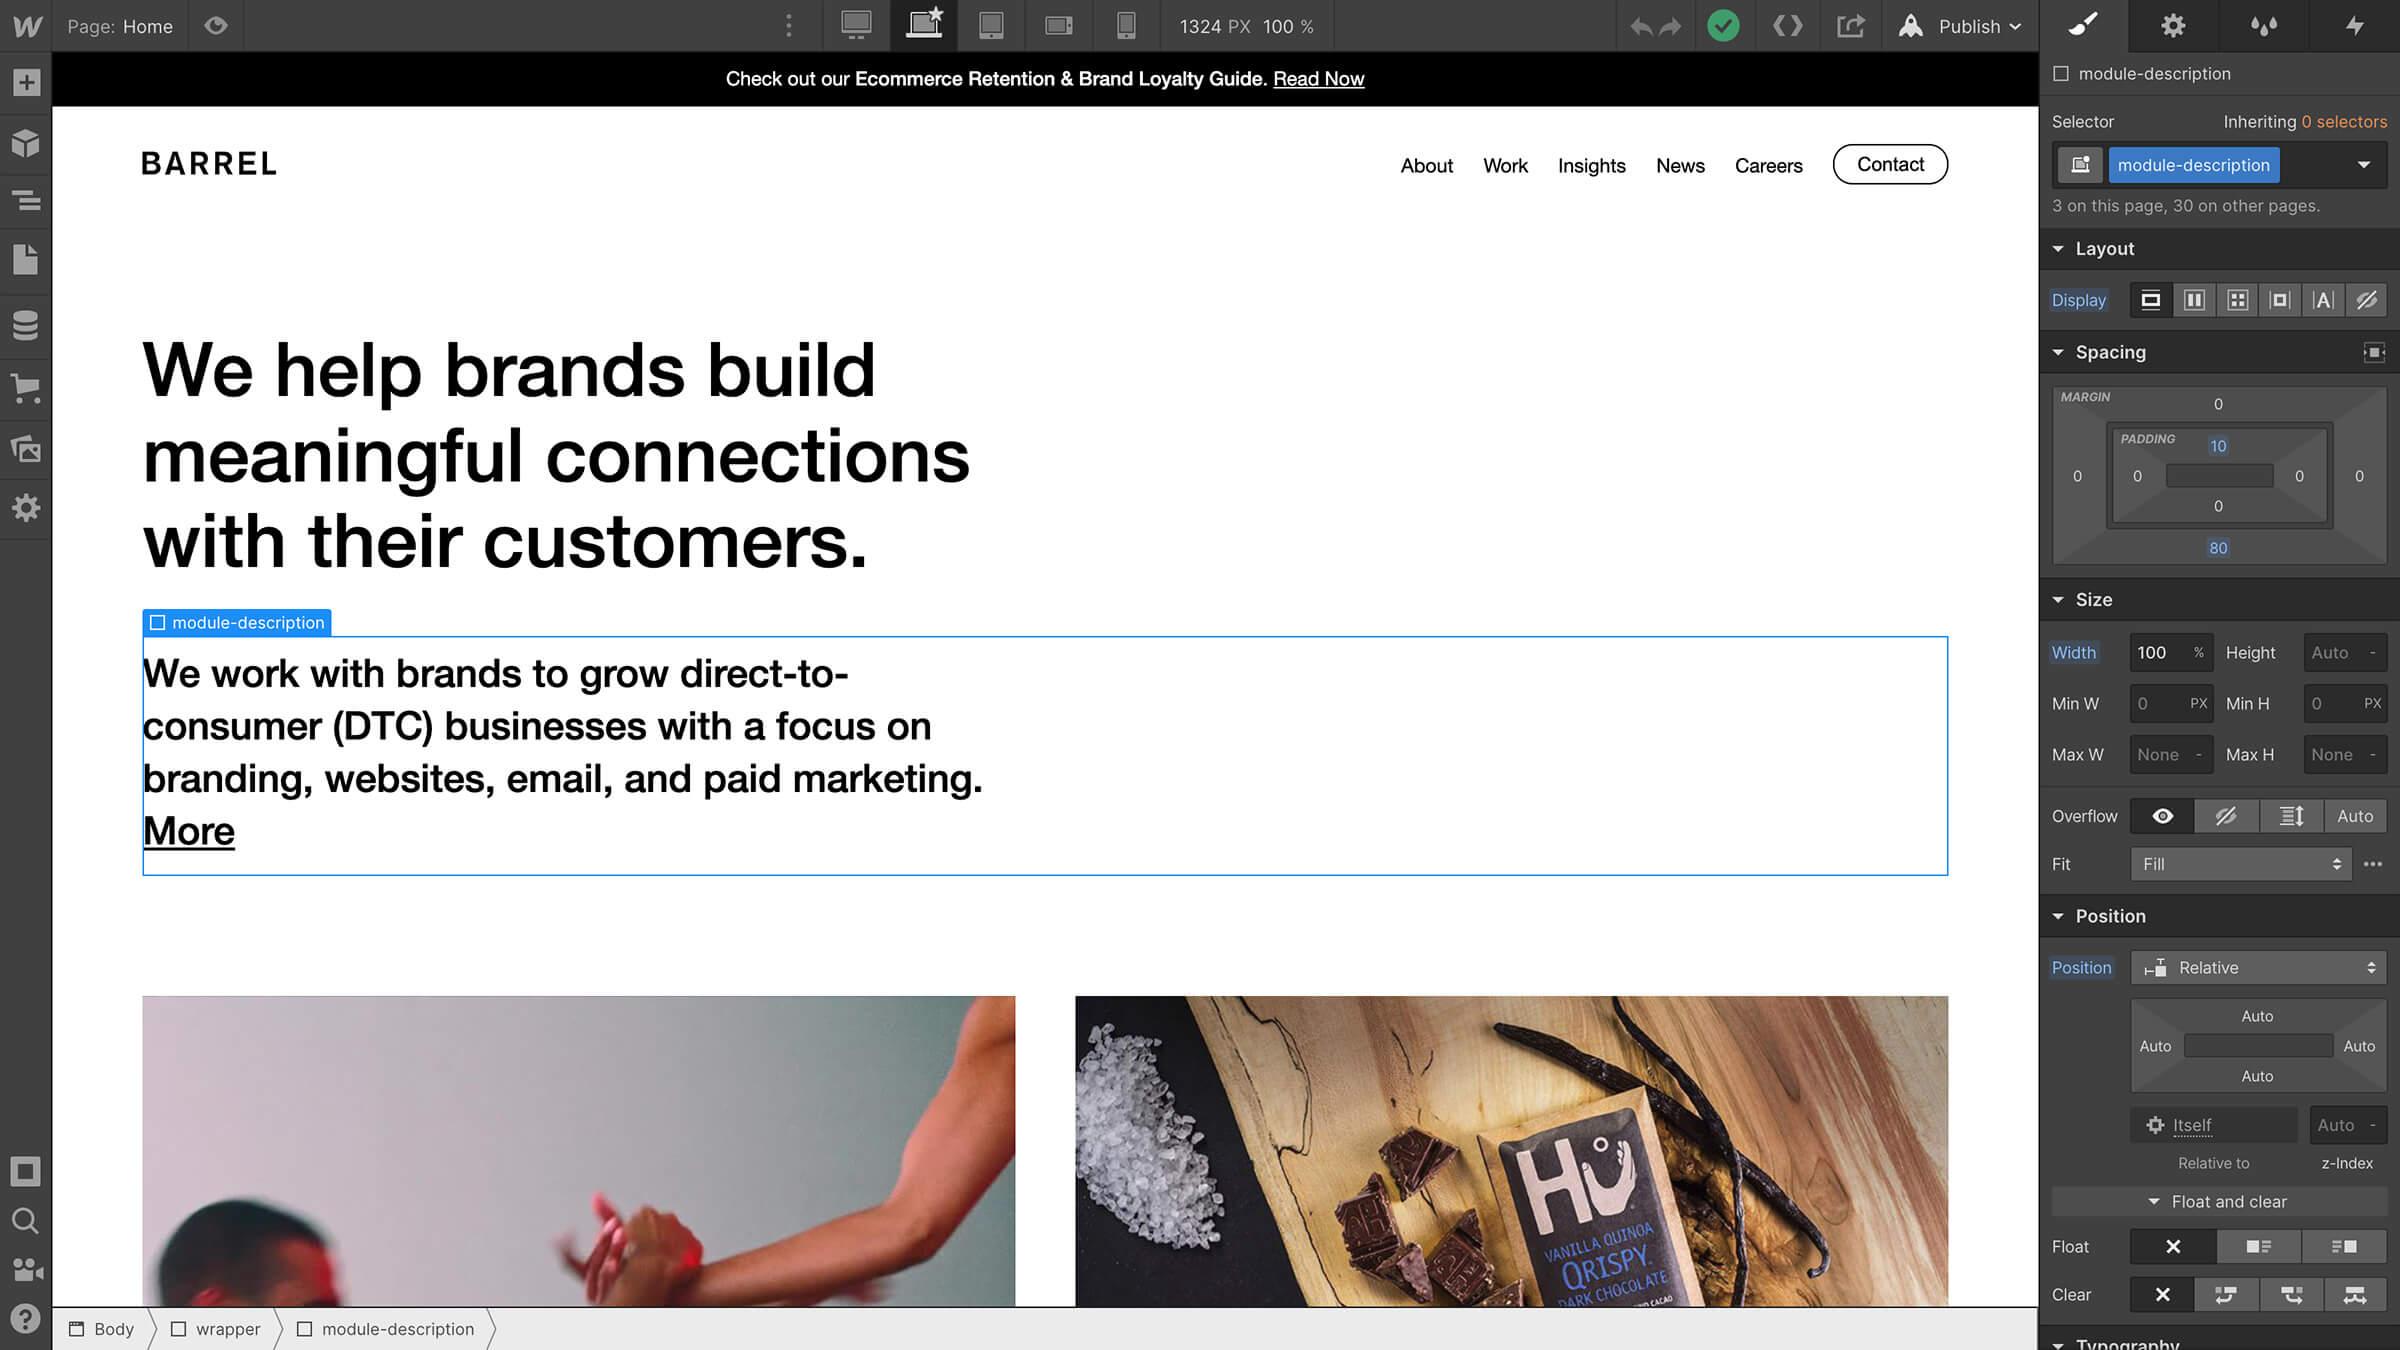 Barrel's website is made in Webflow